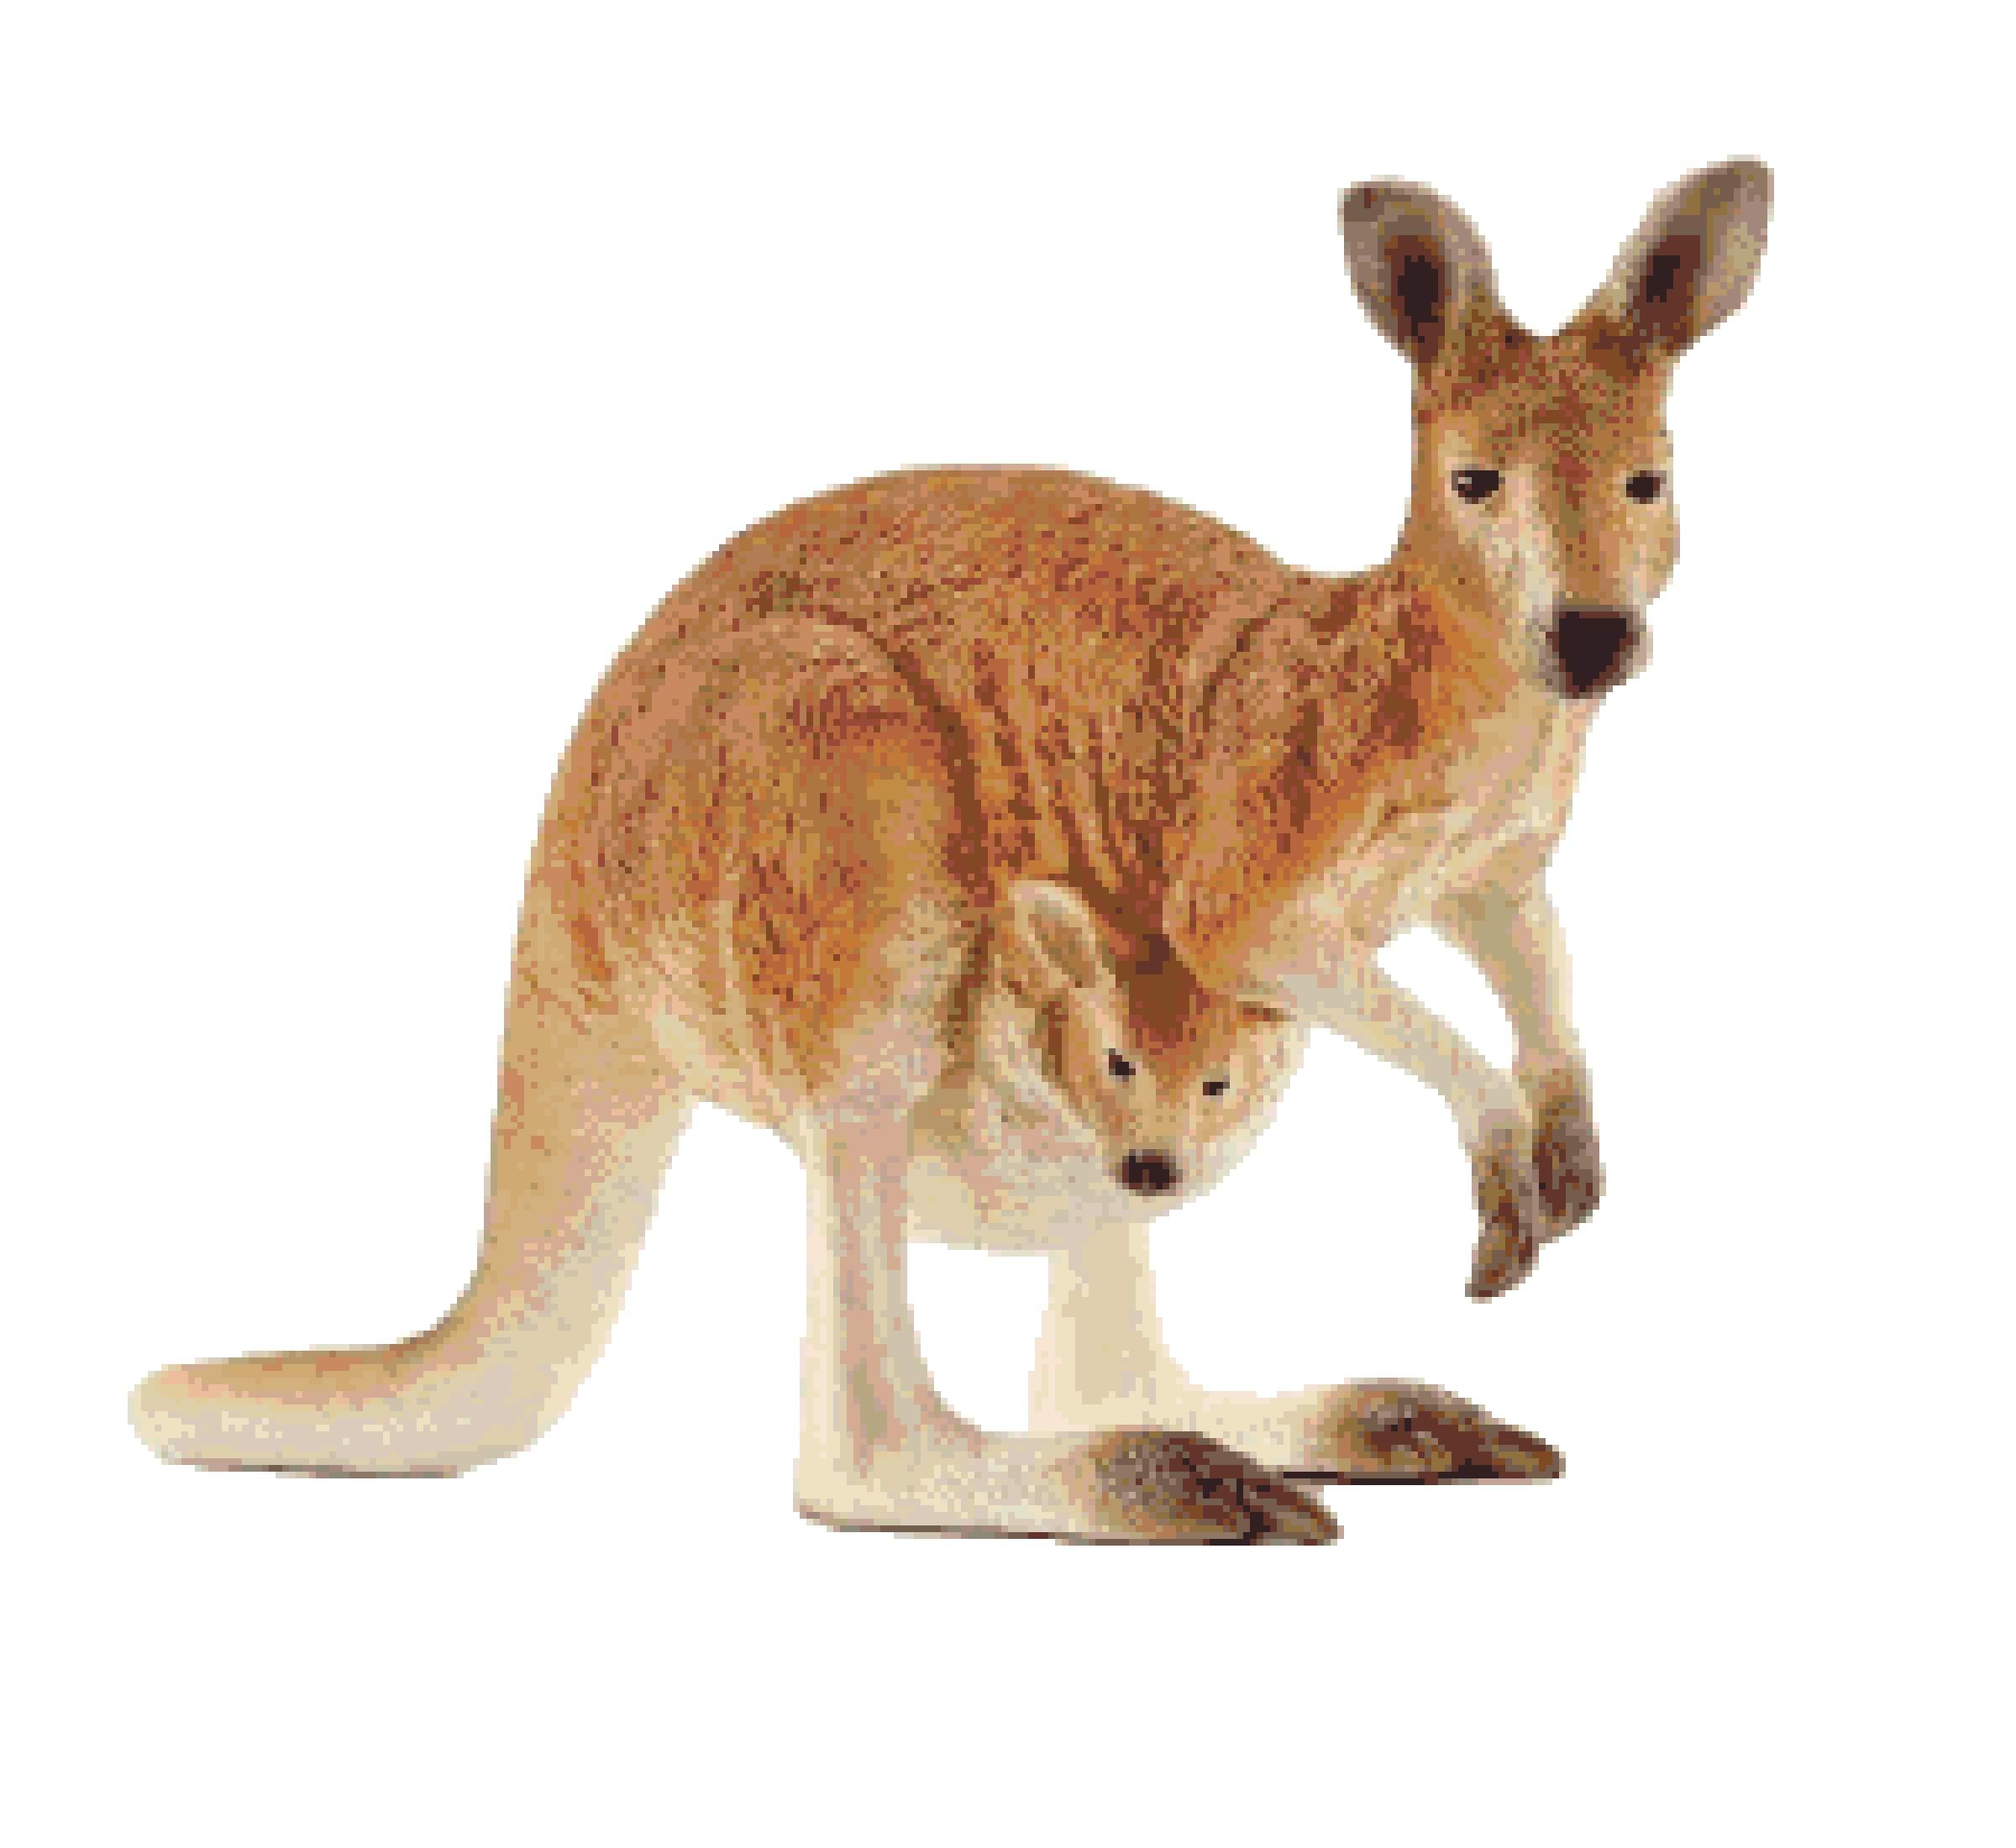 Kangaroo and Joey Cross Stitch Pattern - Baby Kangaroo Counted Cross-Stitch  Pattern - Kangaroos Pixel Art (PDF Download Pattern)